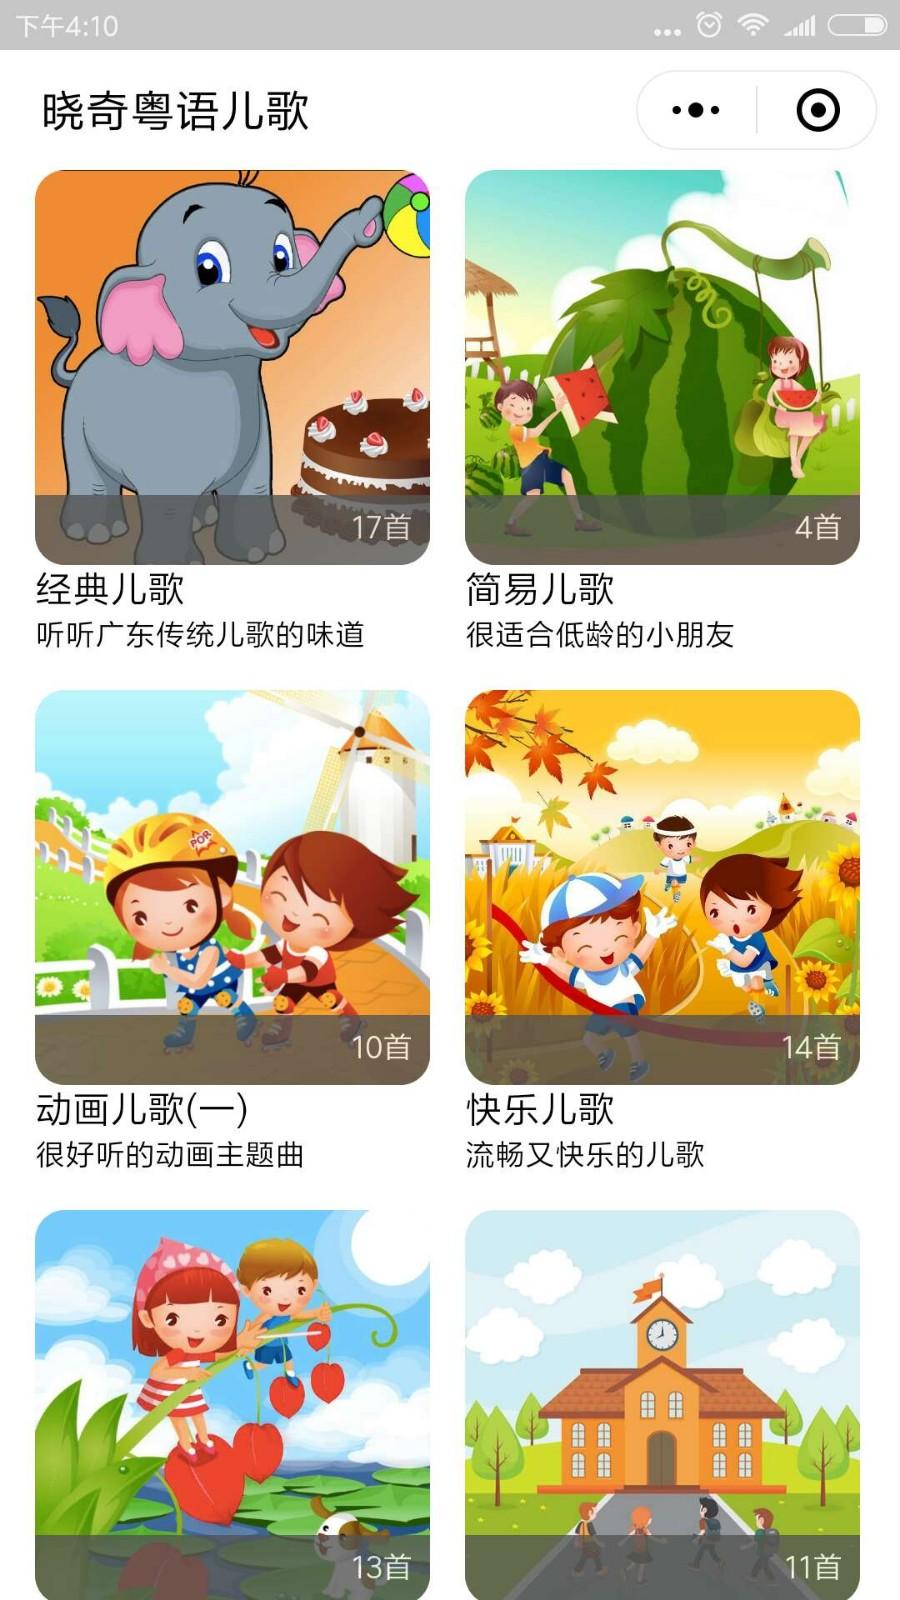 晓奇粤语儿歌小程序截图